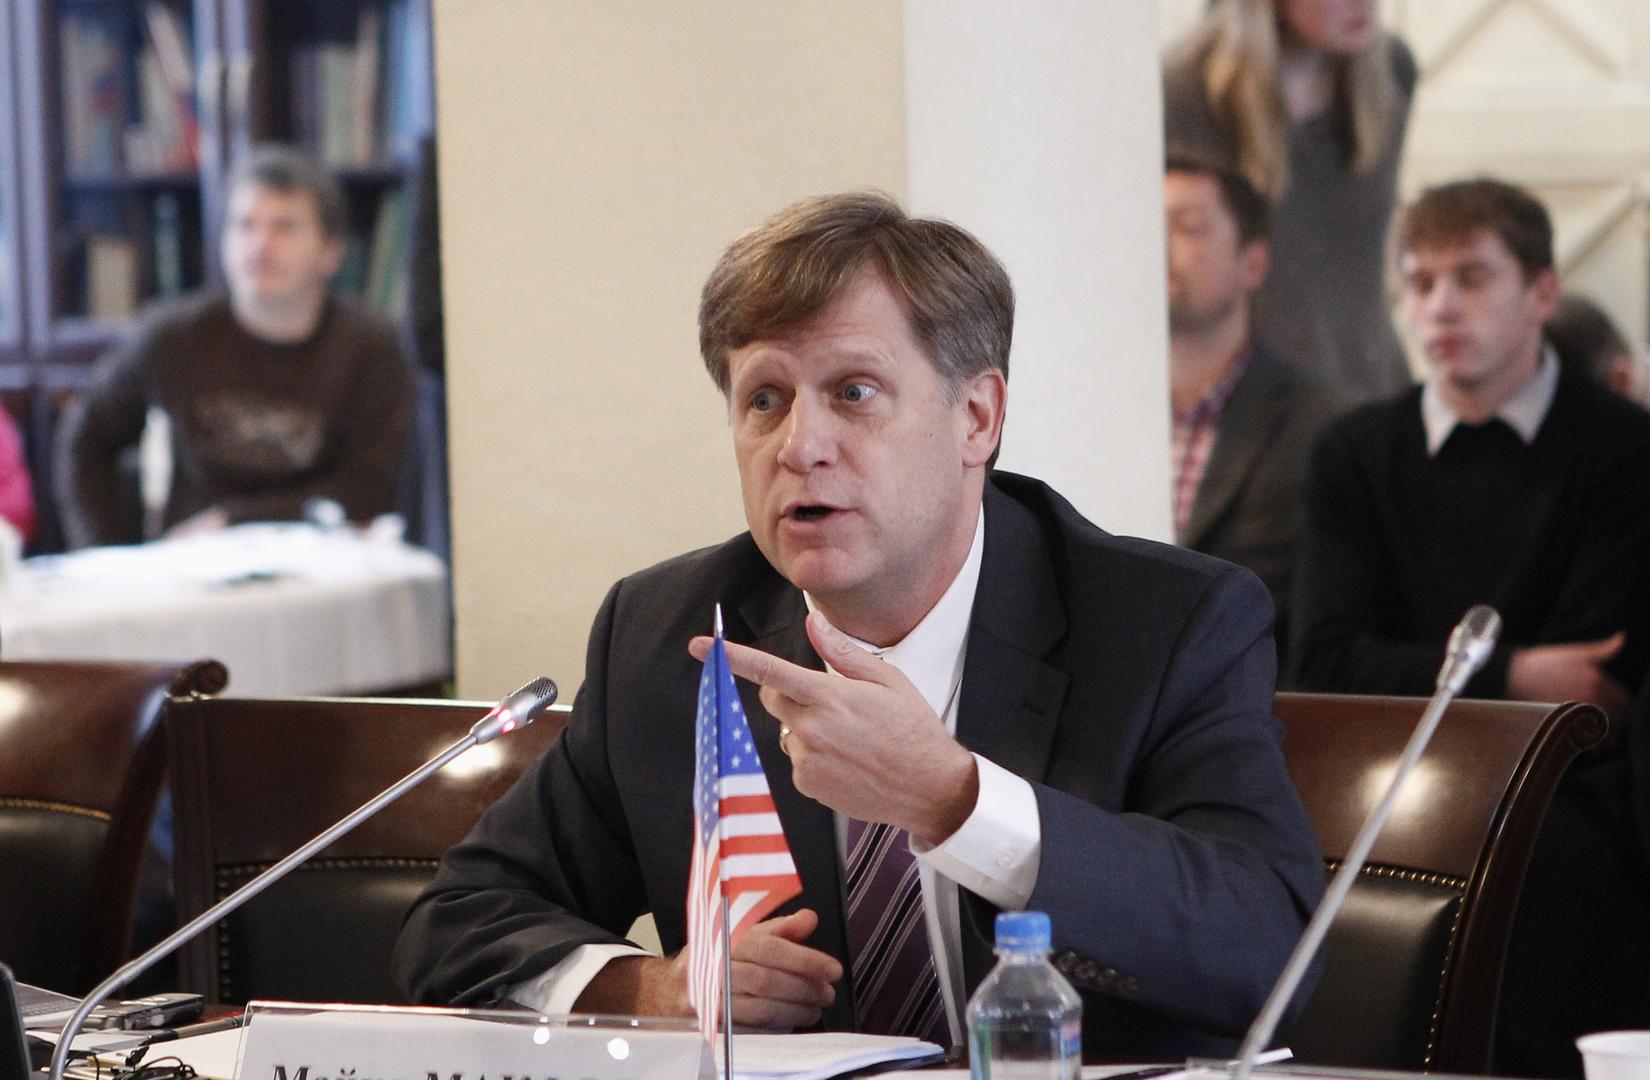 دبلوماسي أمريكي: بايدن لن يبحث عن صداقة بوتين لكن العلاقات بين البلدين قد تصبح أكثر استقرارا